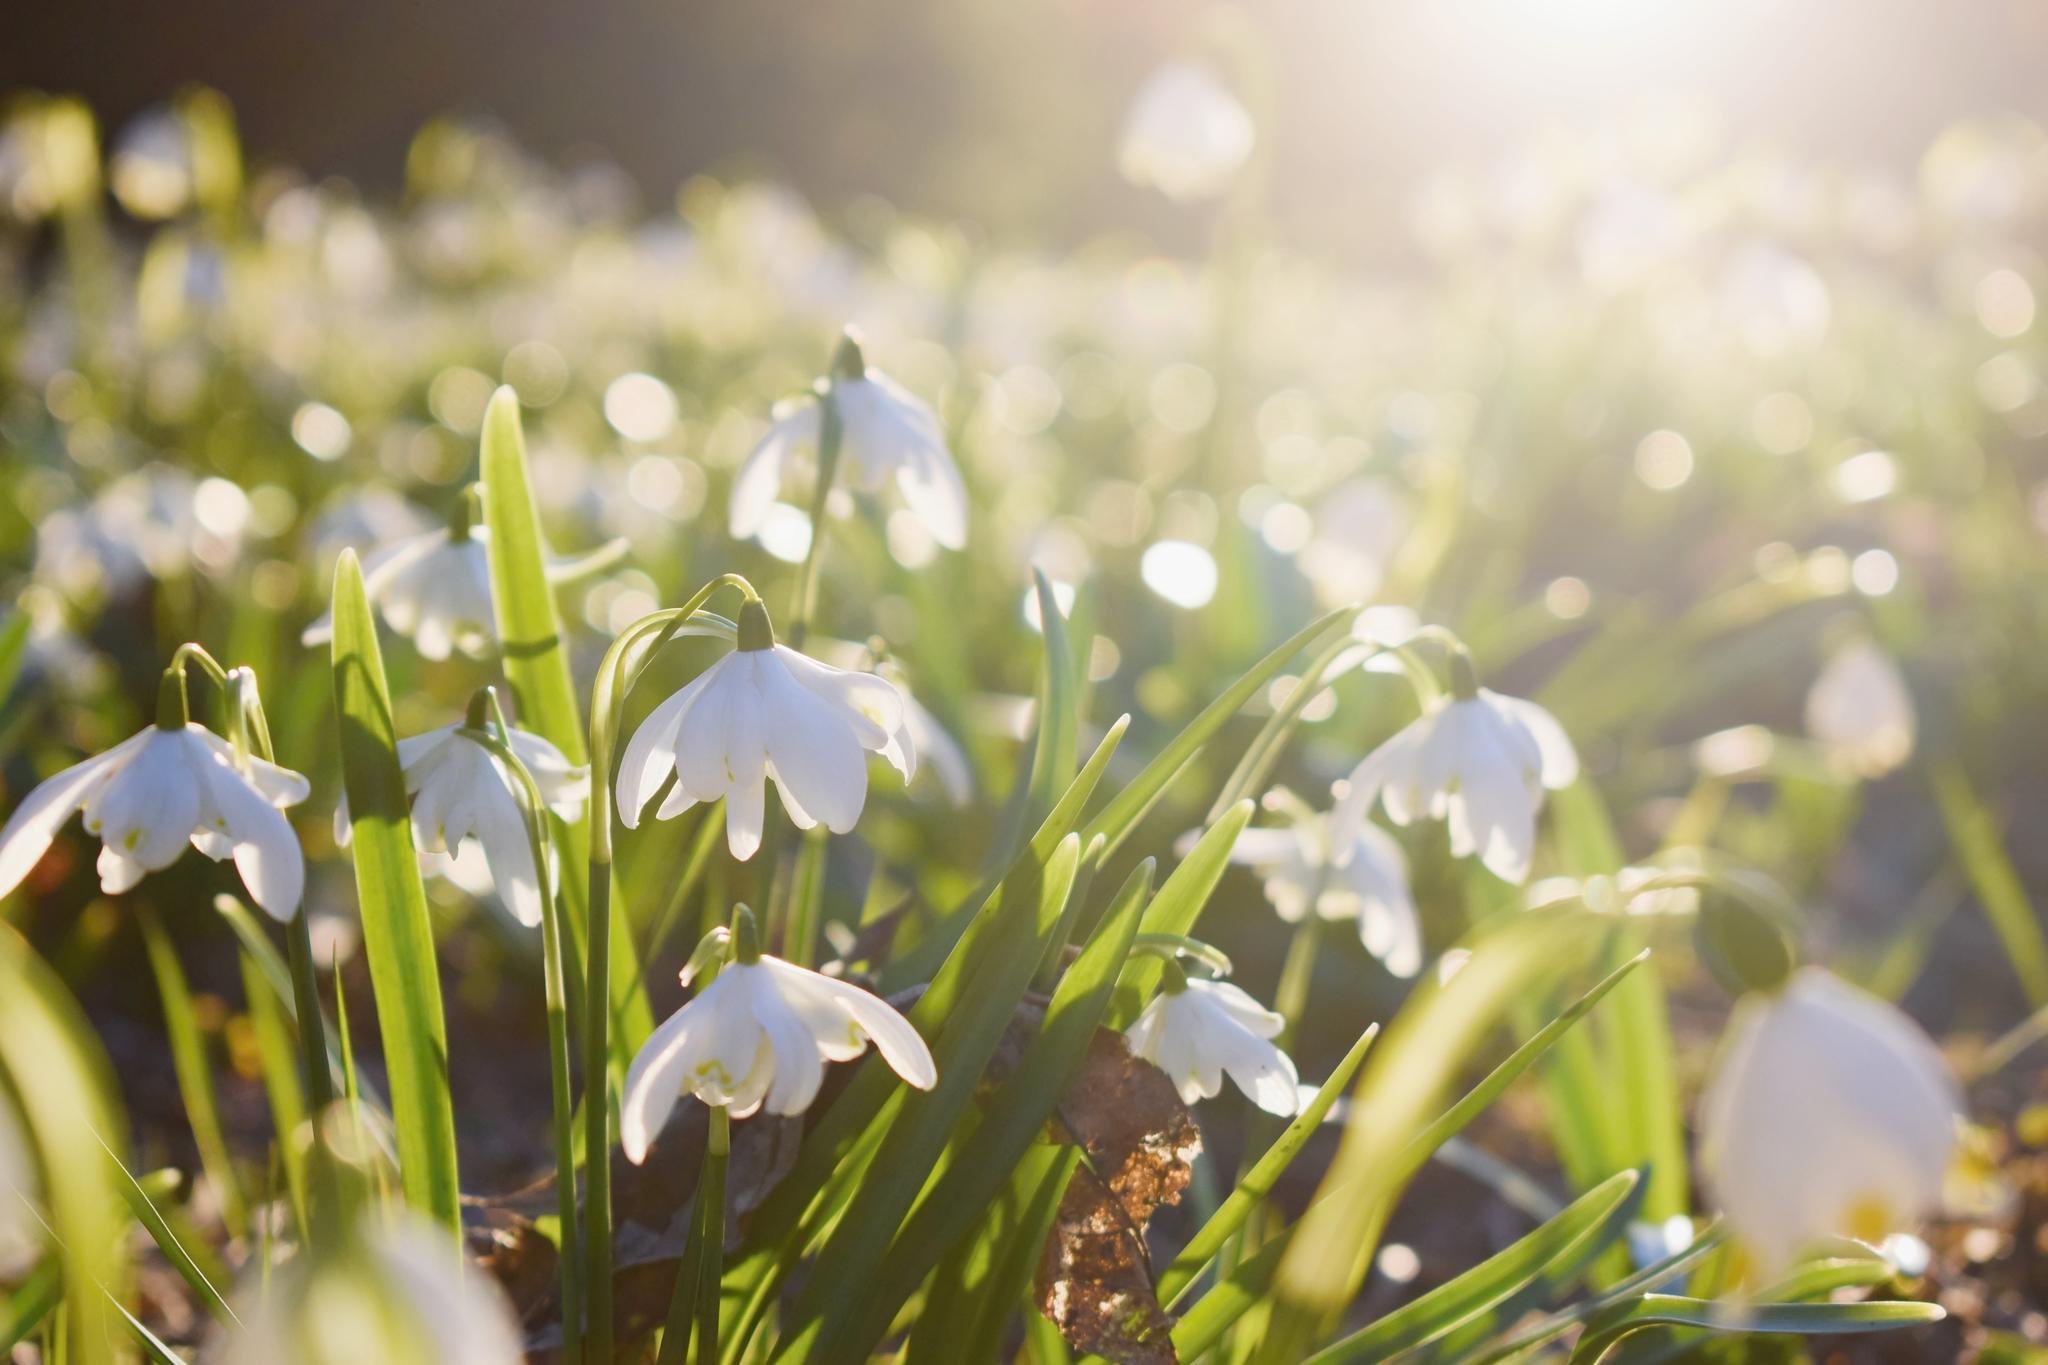 Wetter in Deutschland: Es wird noch einmal kalt - aber dann startet der Frühling